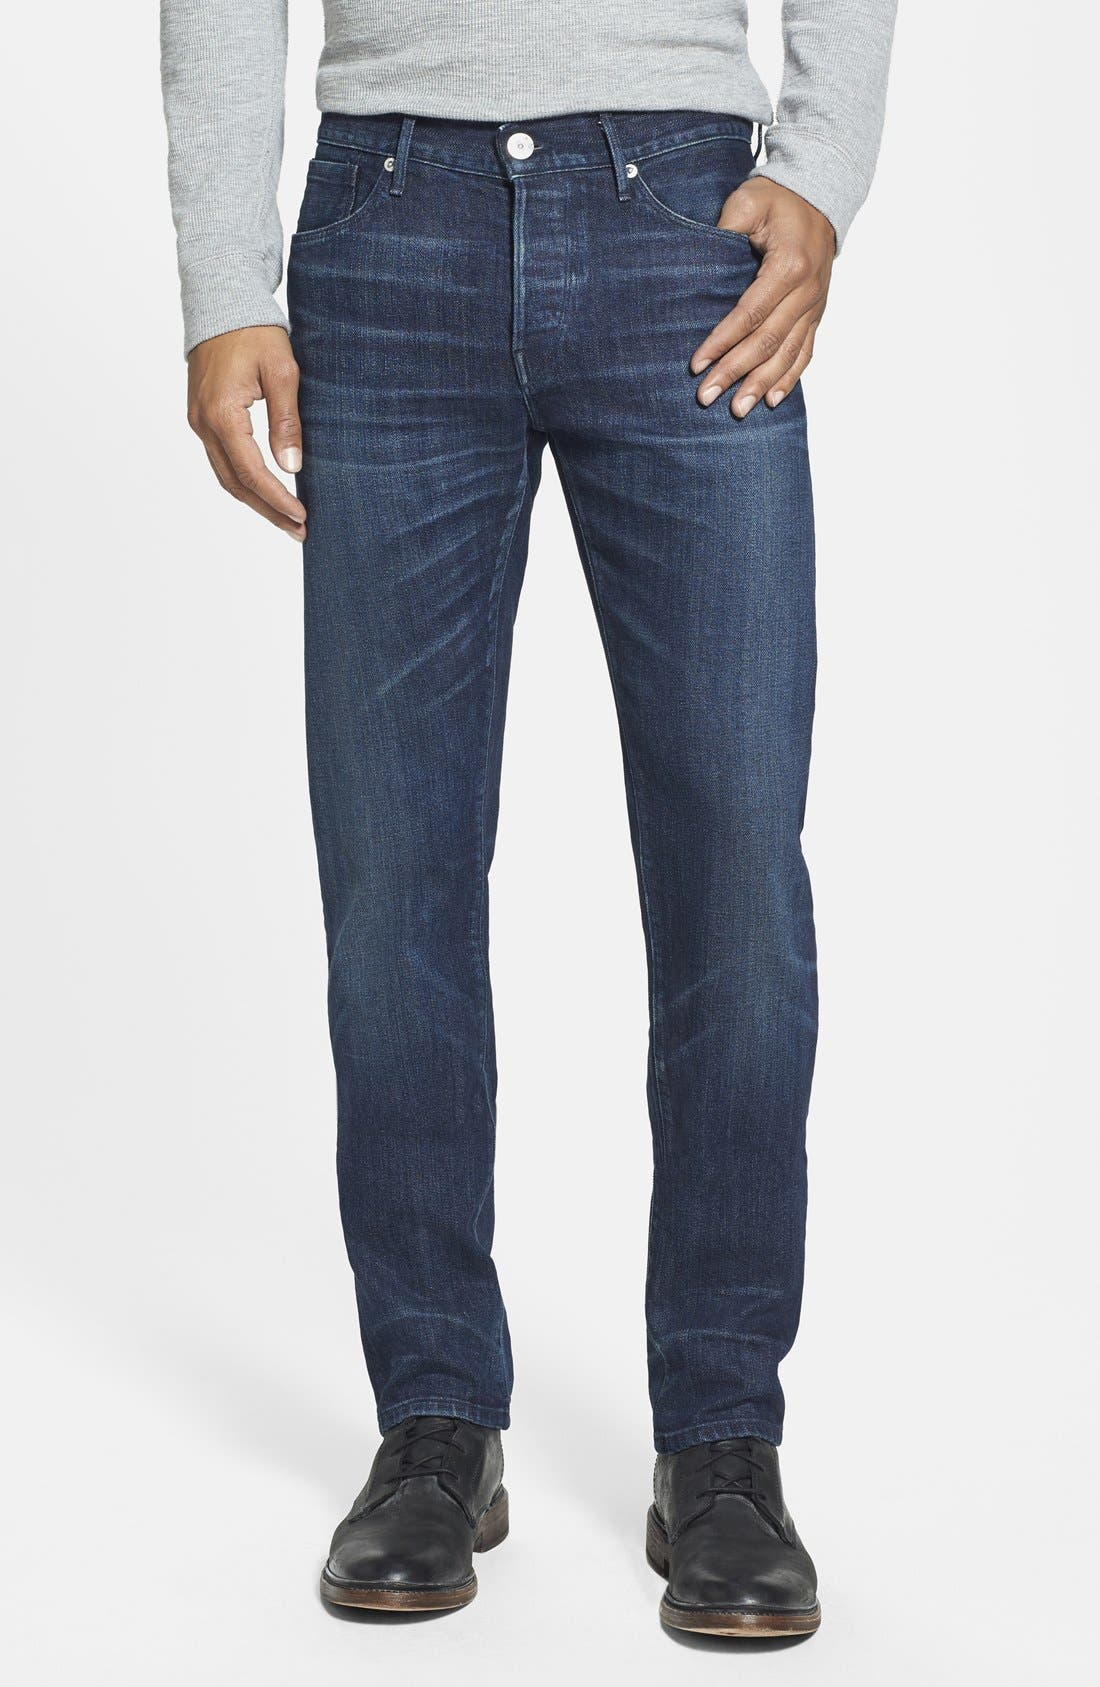 'M3' Slim Fit Selvedge Jeans,                             Main thumbnail 1, color,                             413